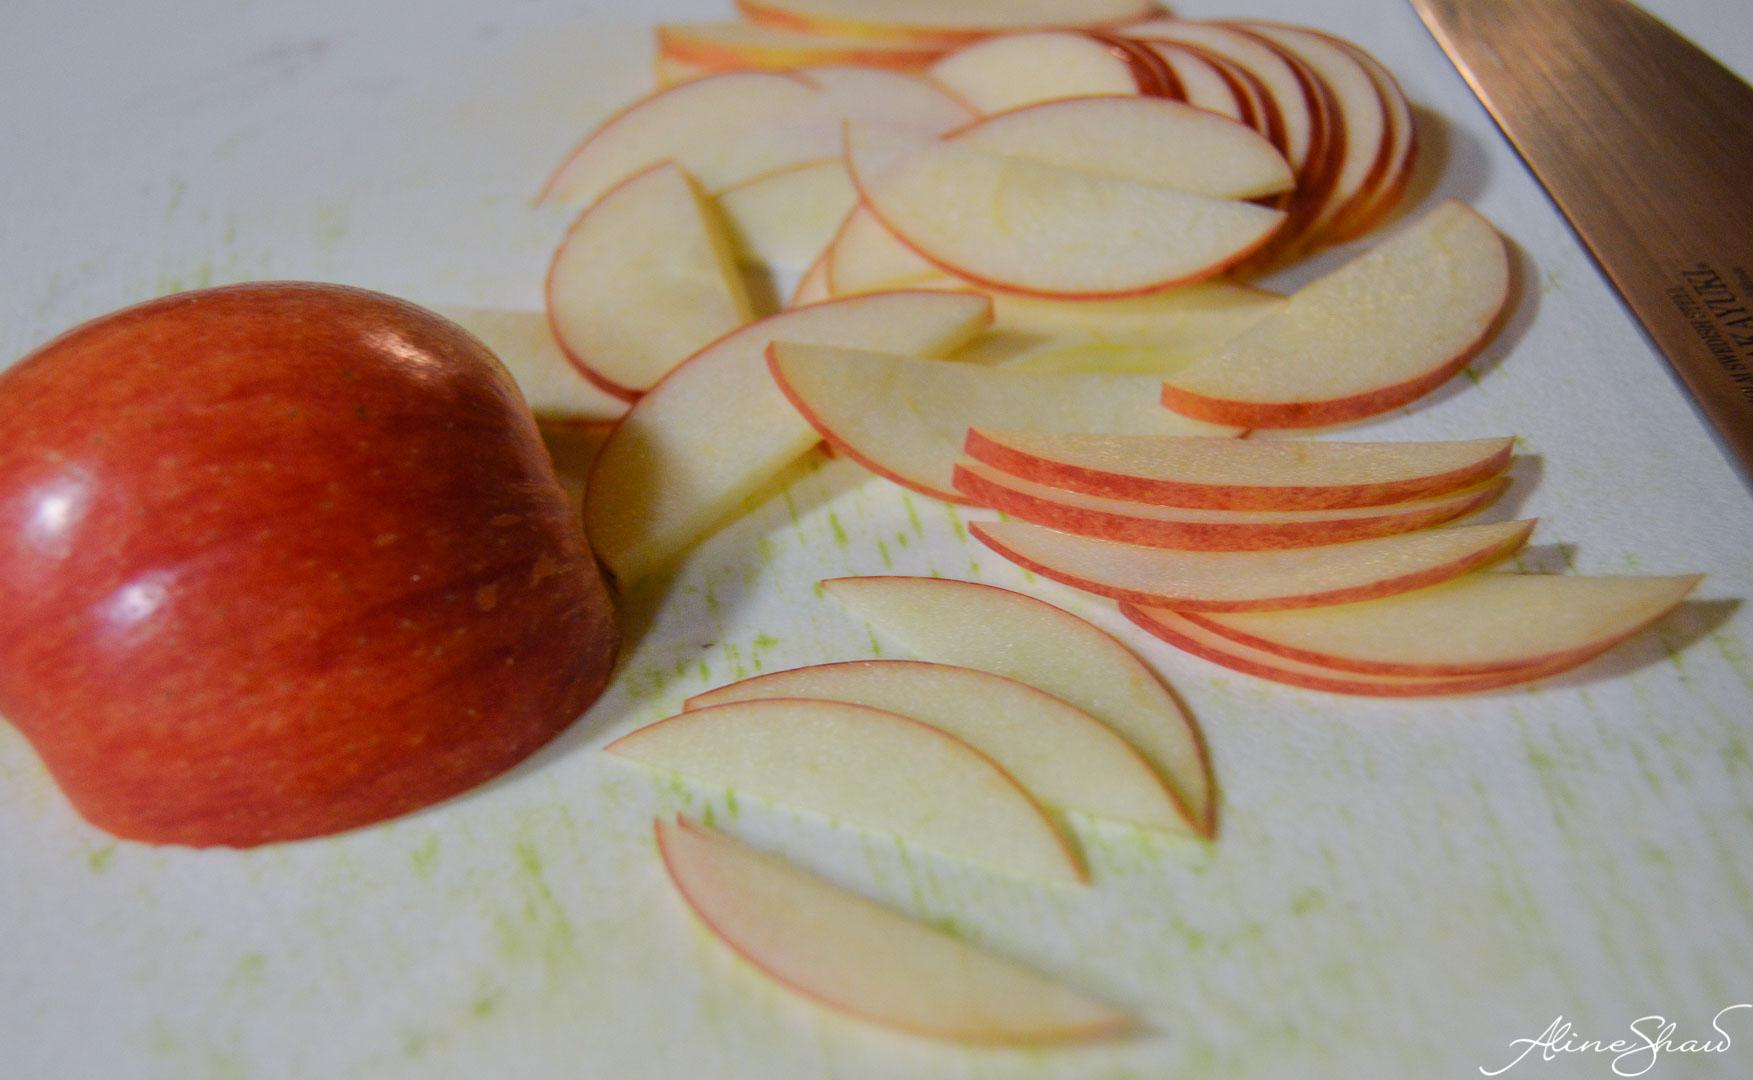 Kale Apple Salad Recipe